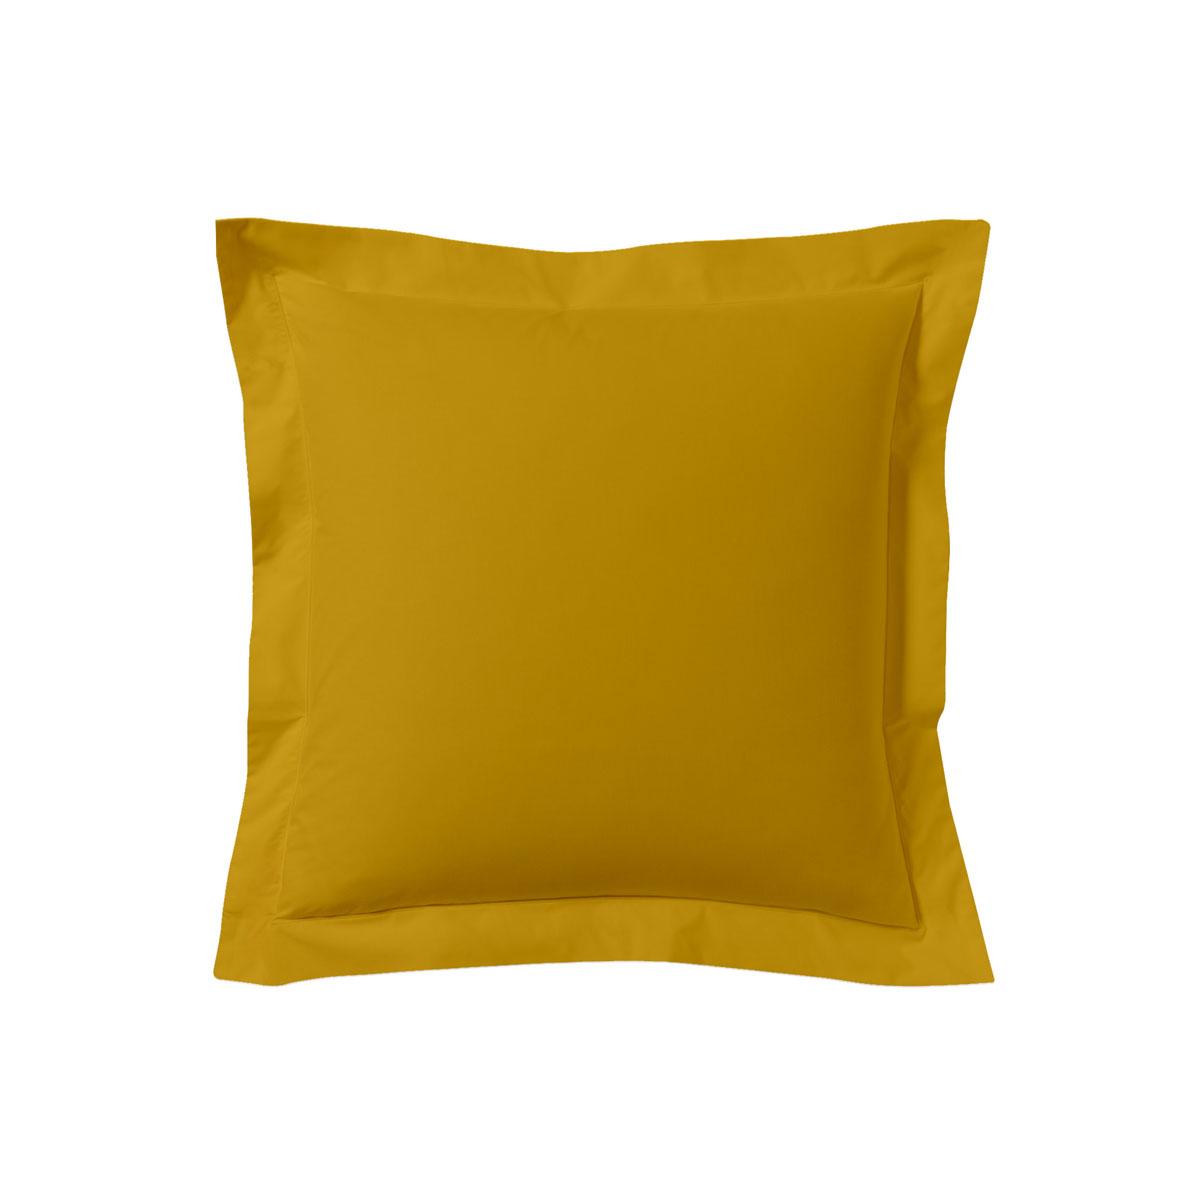 Taie d'oreiller unie en coton jaune curry 63x63